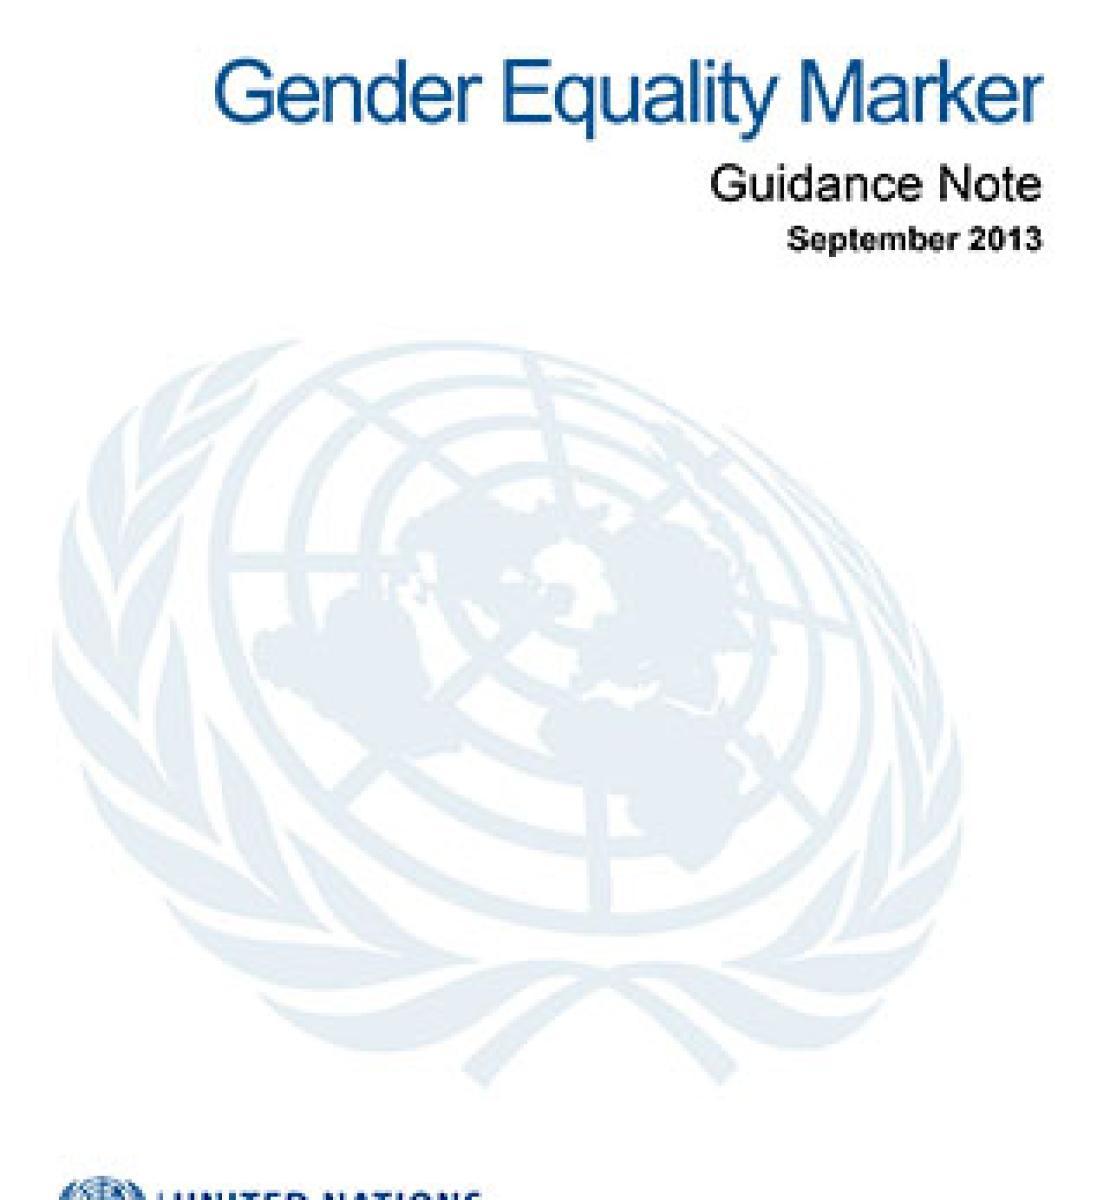 Marcador de igualdad de género - Nota orientativa